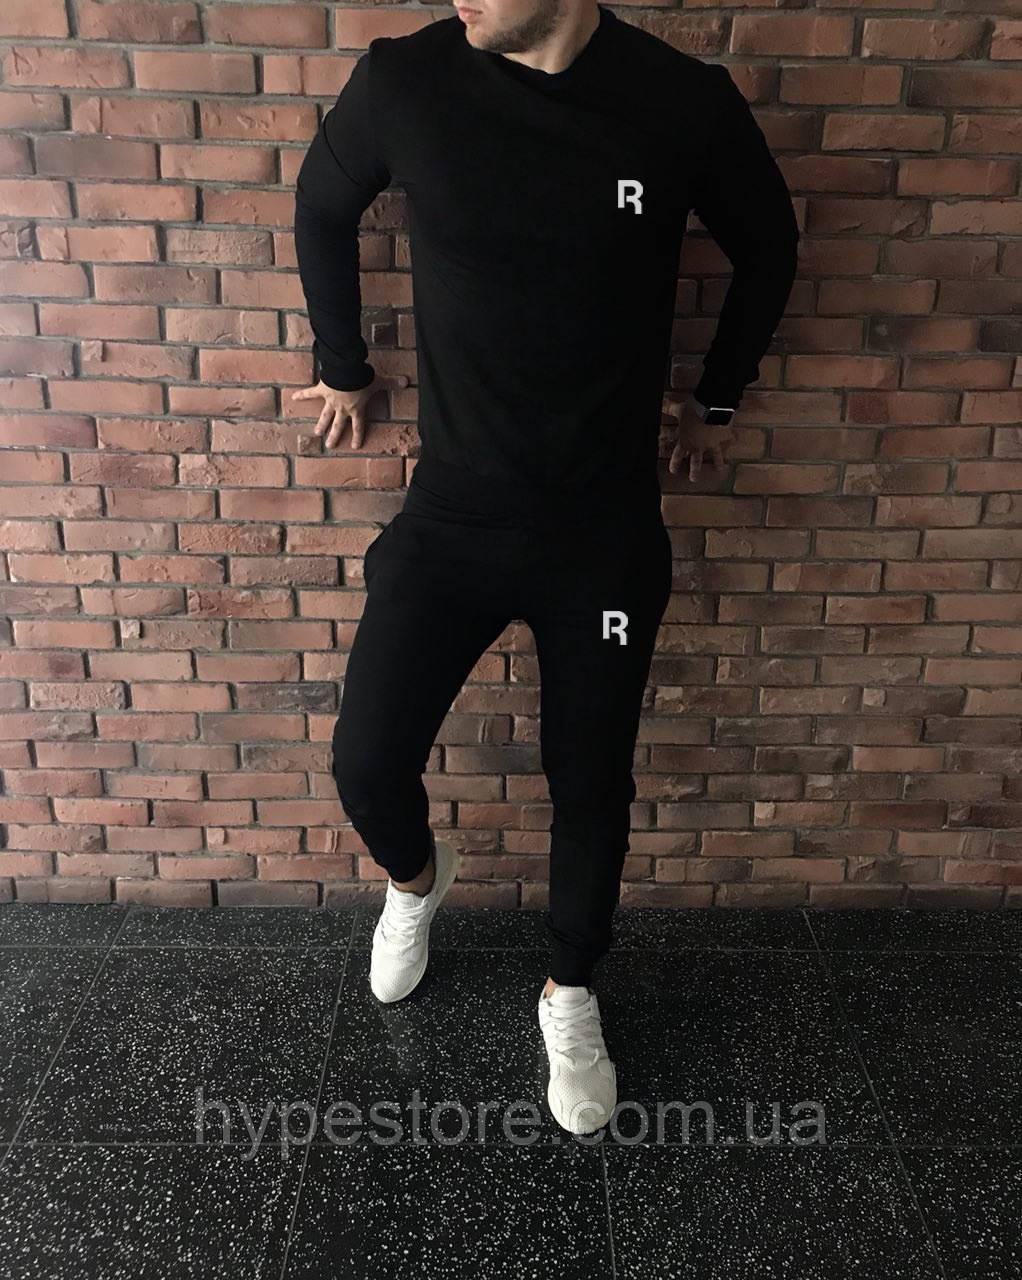 Трикотажный спортивный костюм, чоловічий спортивний костюм Reebok, Реплика